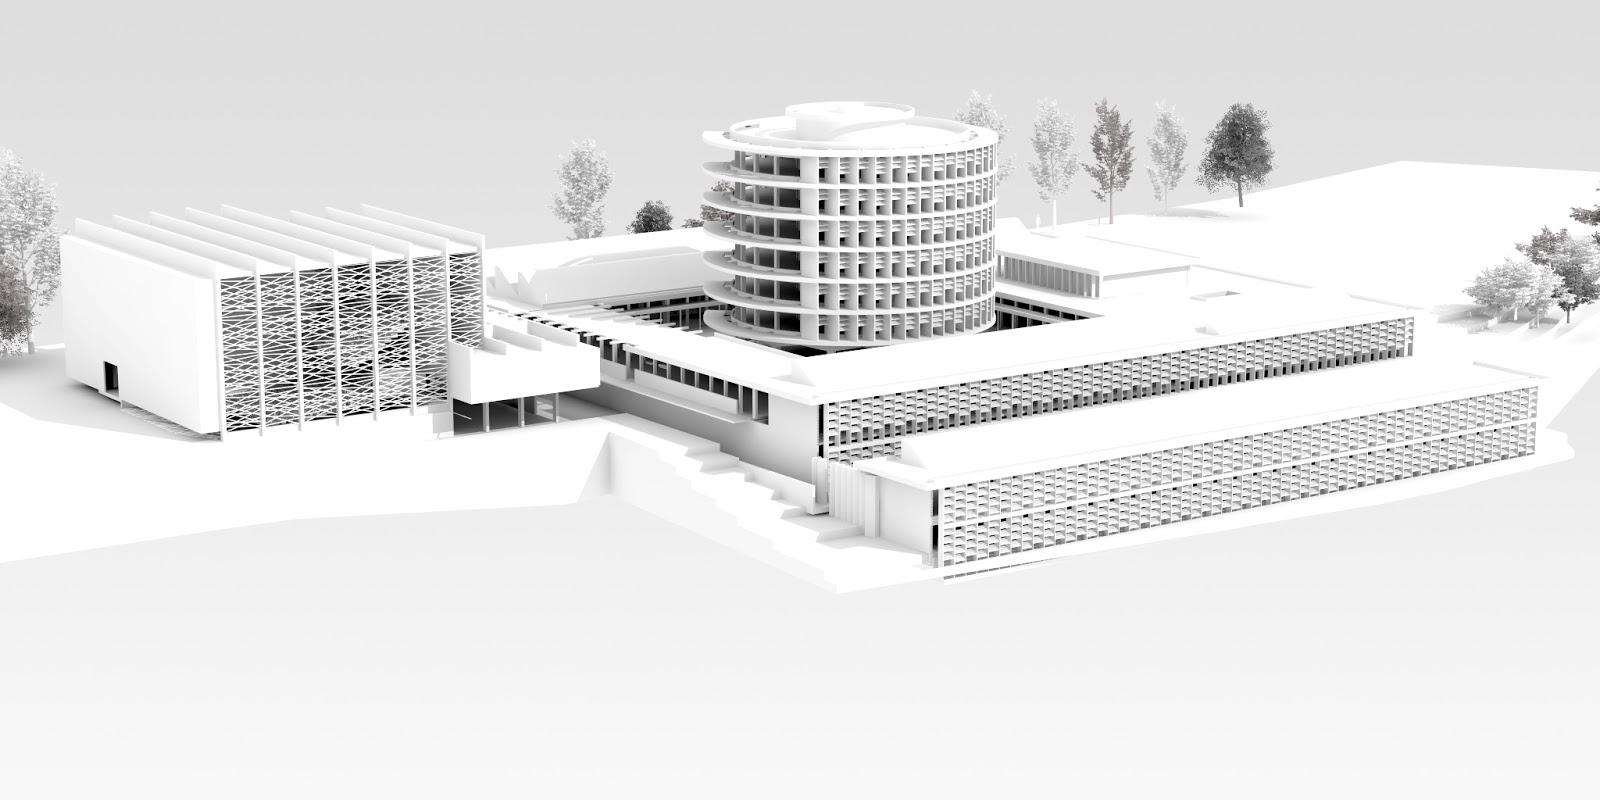 Miguel cayuelas arquitectura - Escuela tecnica superior de arquitectura sevilla ...